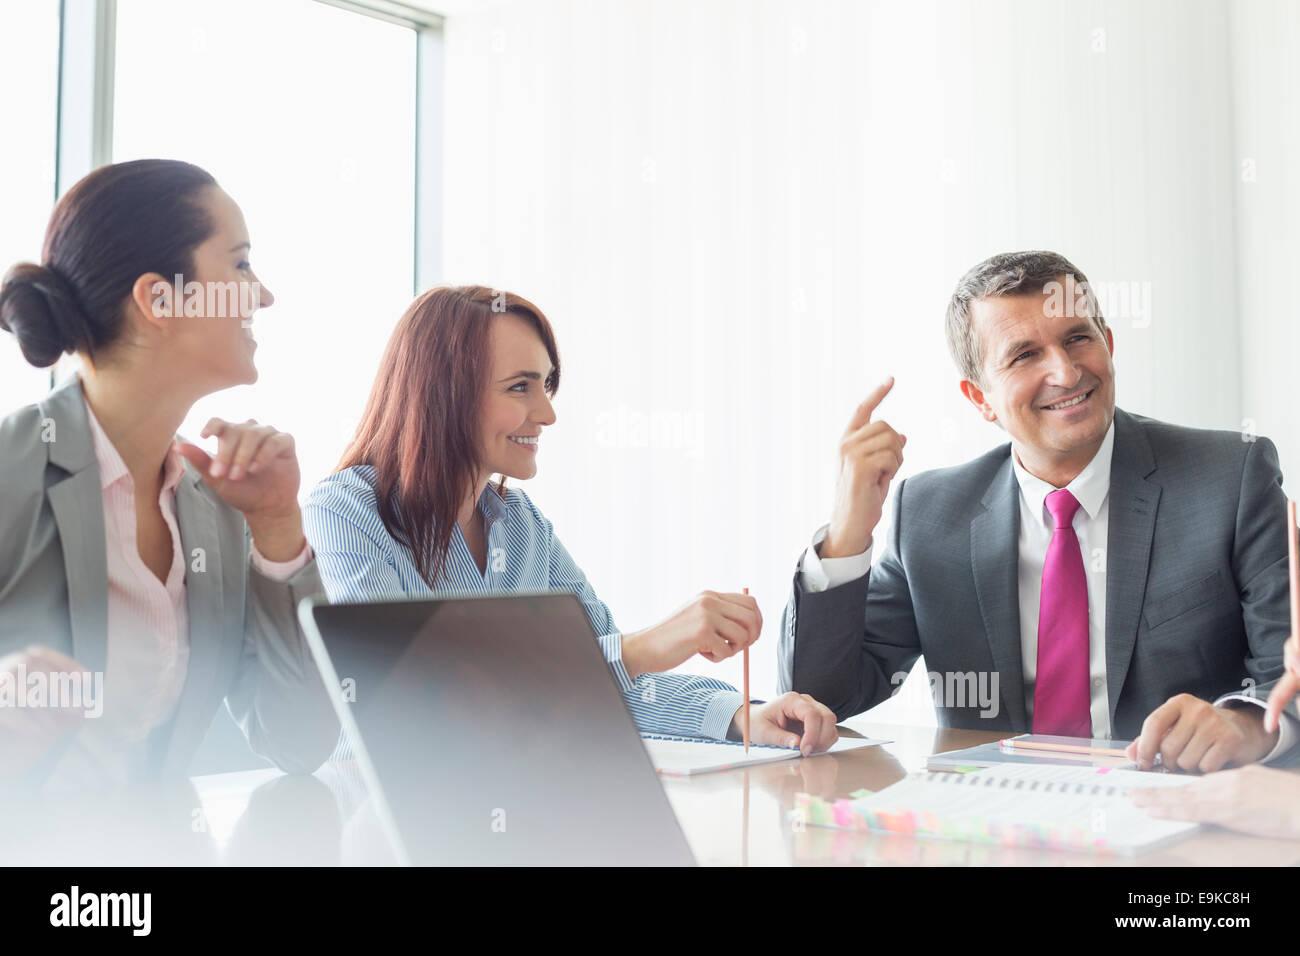 Incontro di lavoro nella sala riunioni Immagini Stock